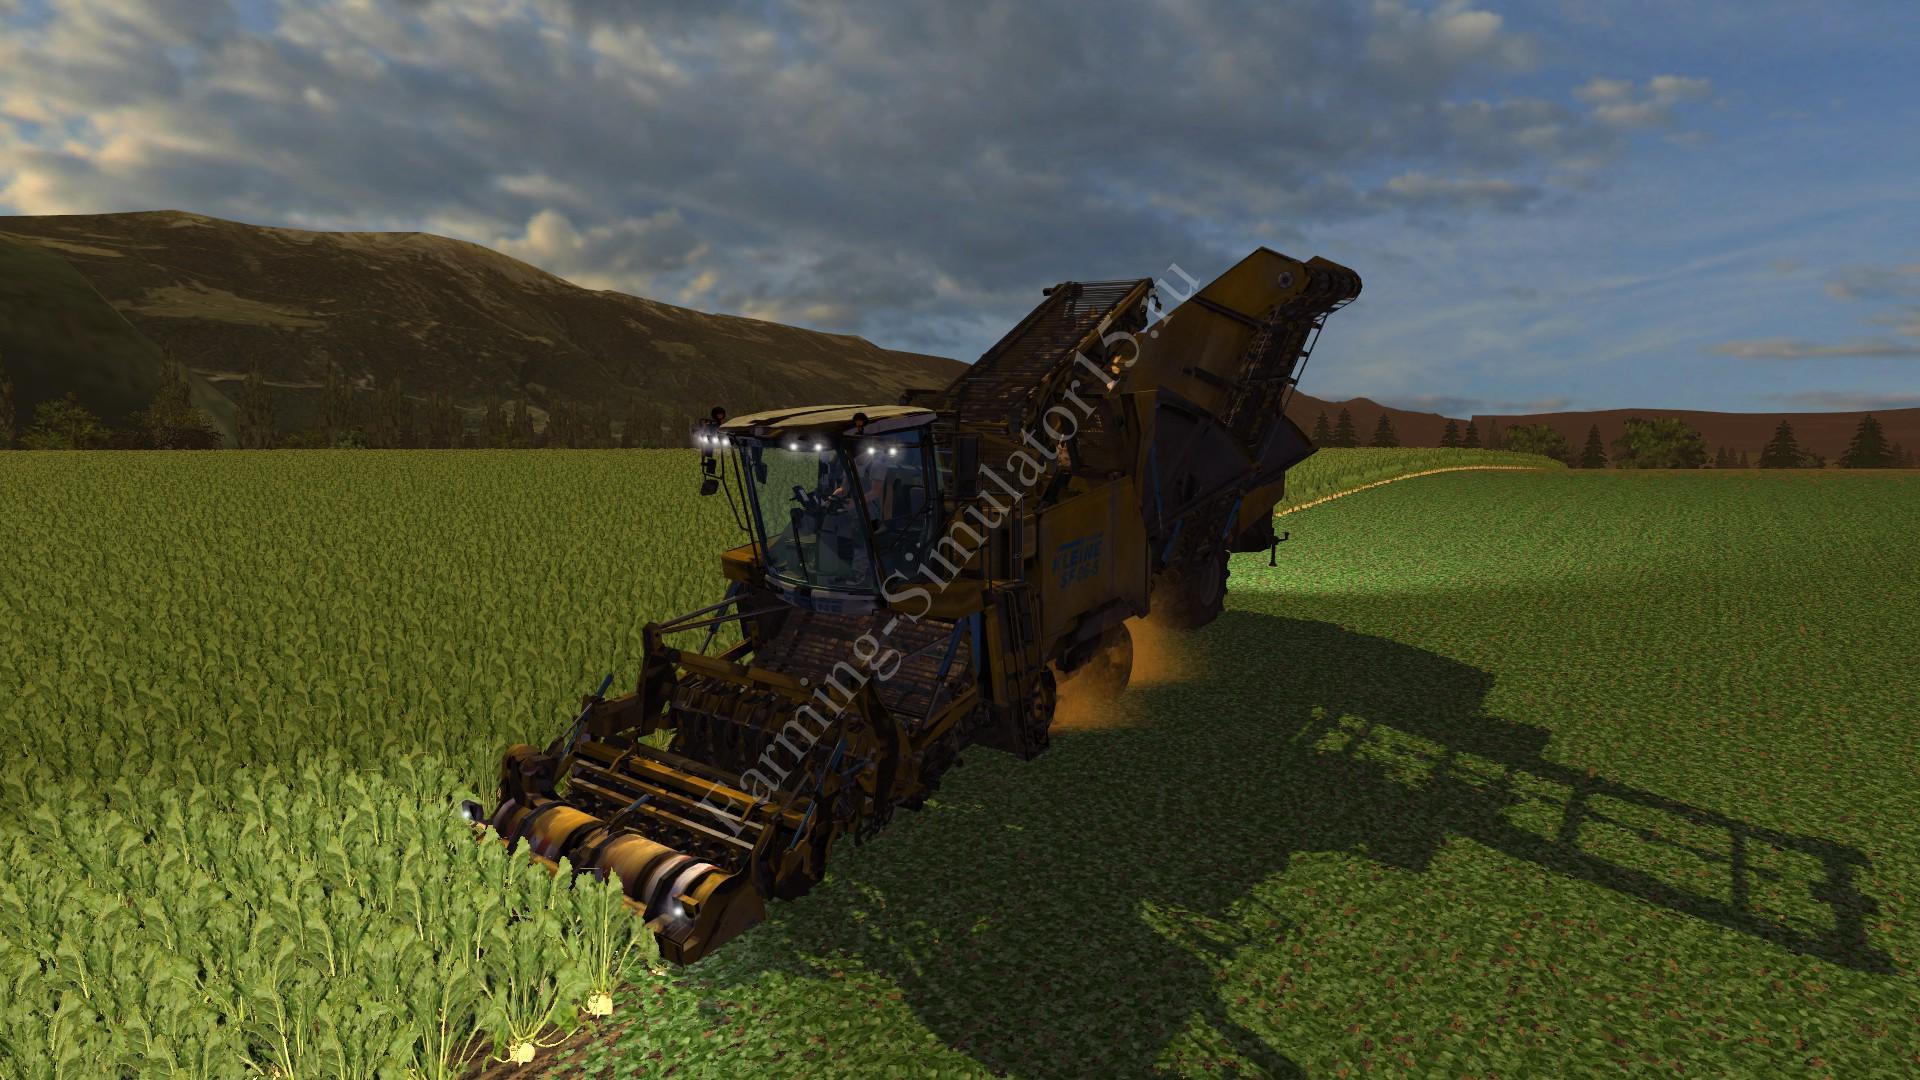 Мод комбайна Kleine SF 06-5 v 1.0 More Realistic Farming Simulator 2013, Farming Simulator 13